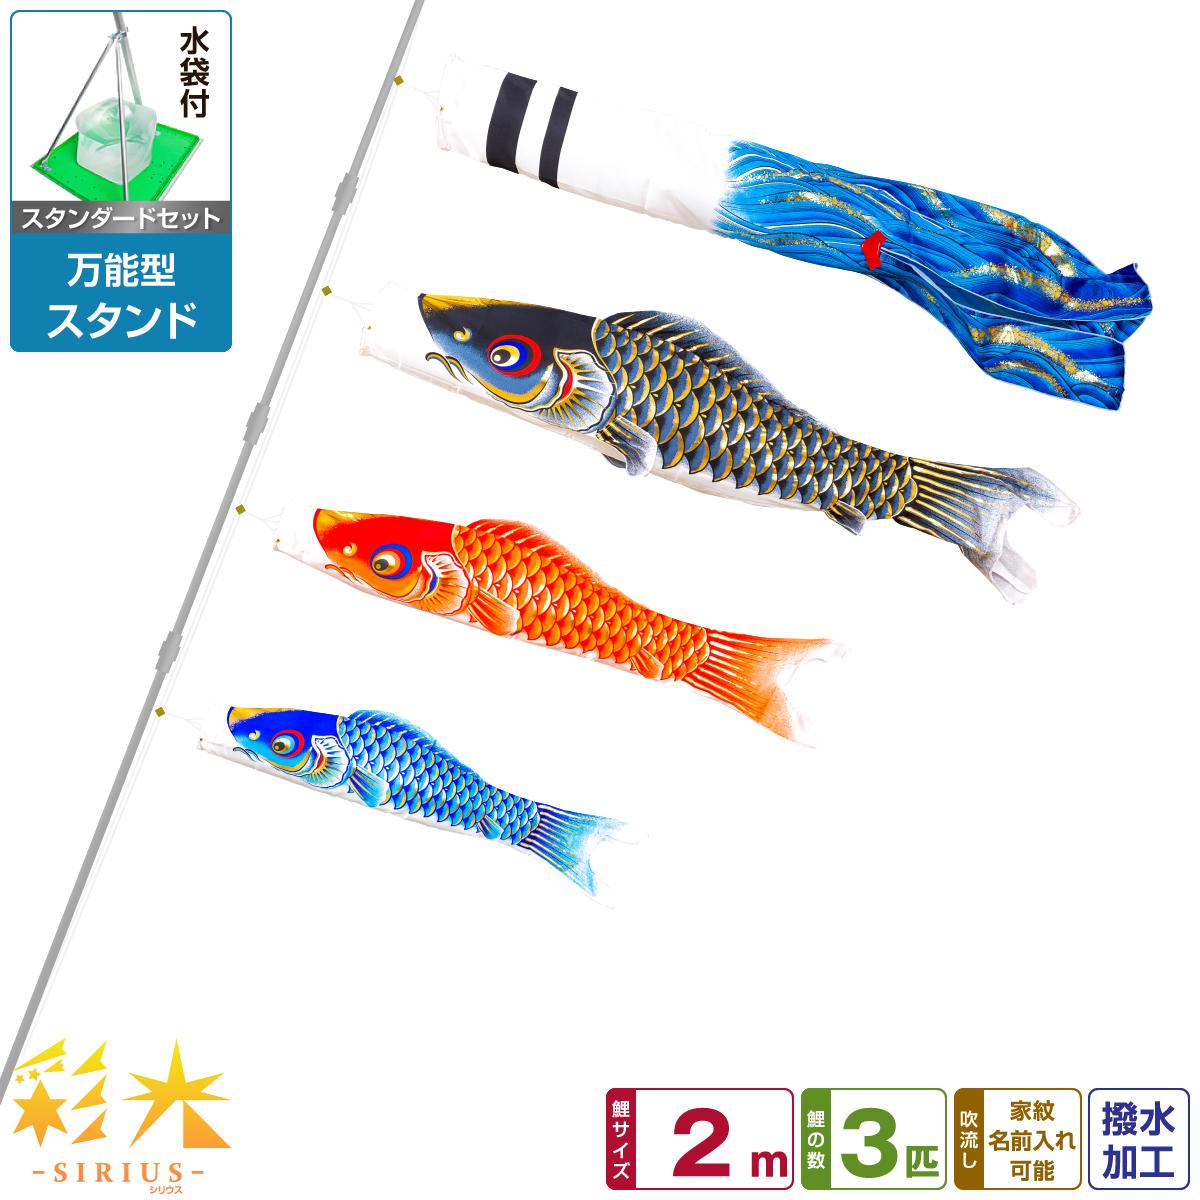 ベランダ用 こいのぼり 鯉のぼり SIRIUS/彩光鯉 2m 6点(吹流し+鯉3匹+矢車+ロープ)/スタンダードセット(万能スタンド)